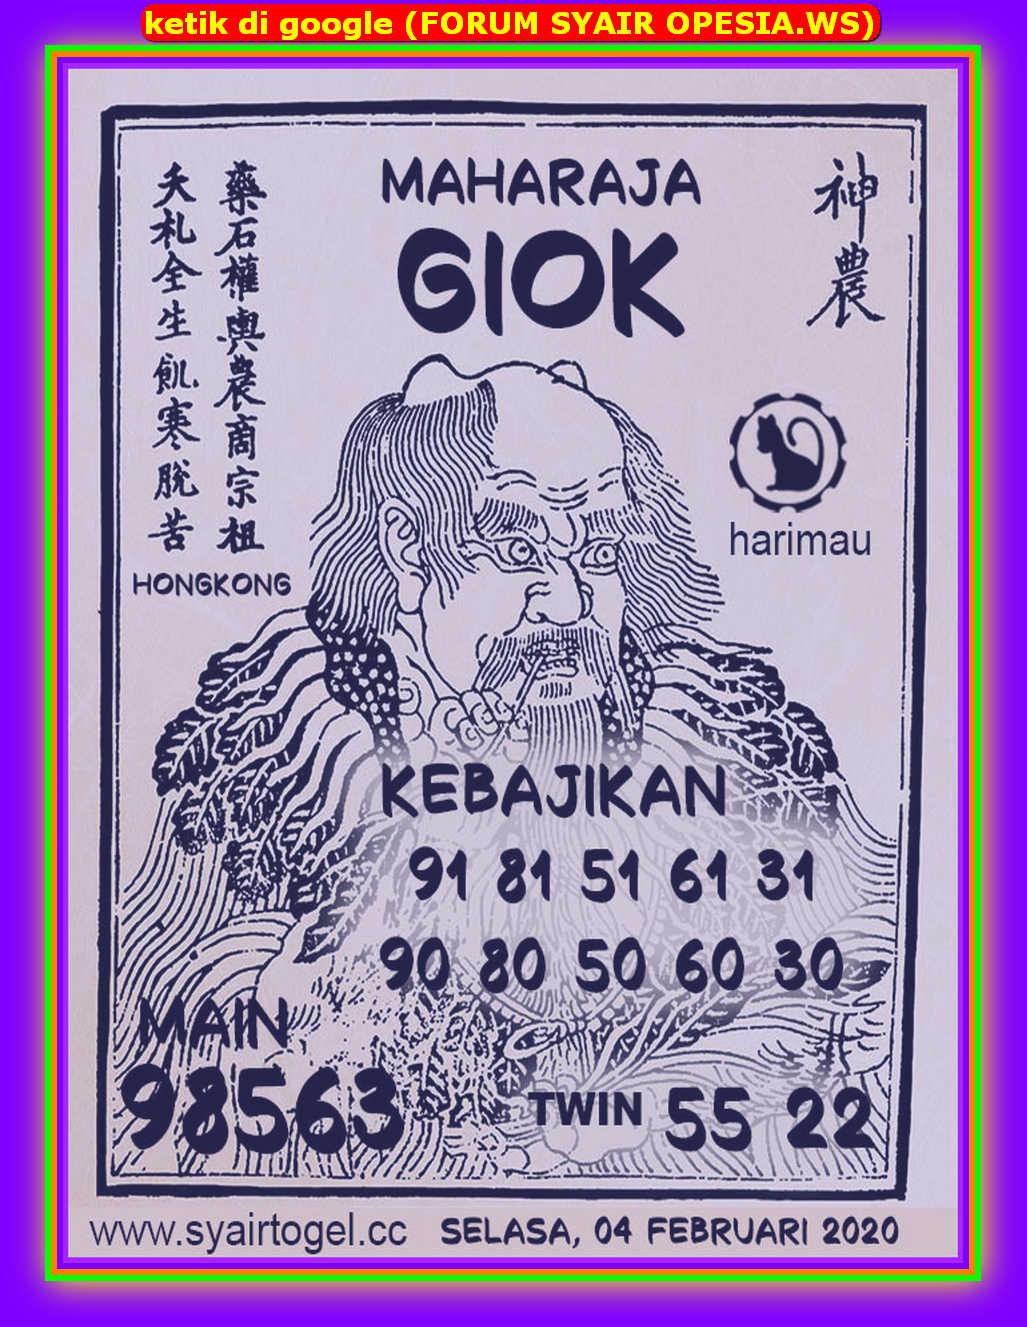 Kode syair Hongkong Selasa 4 Februari 2020 140